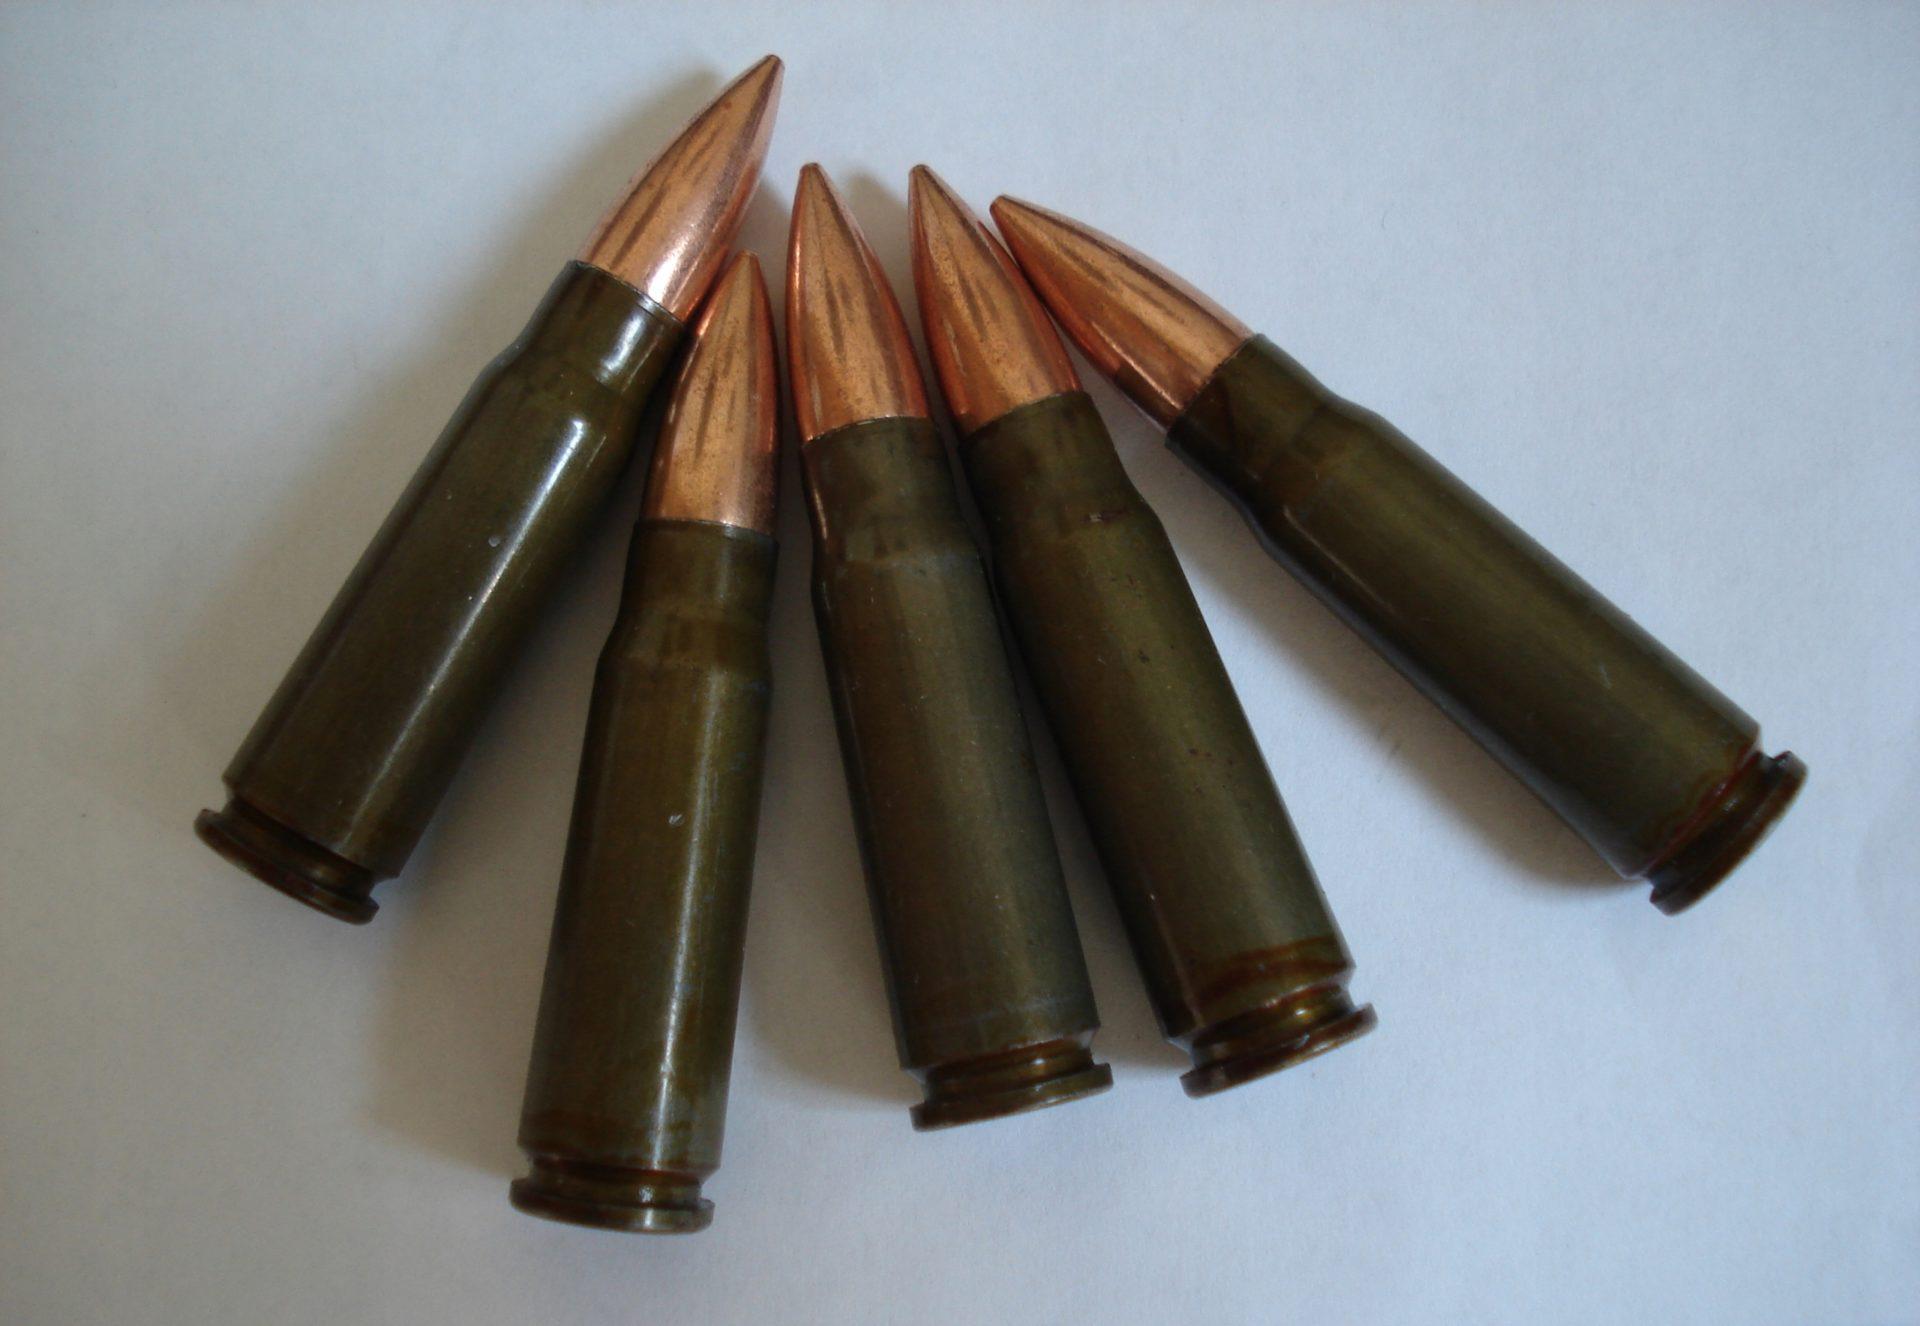 Житель Марий Эл подозревается в хранении самодельного оружия и боеприпасов